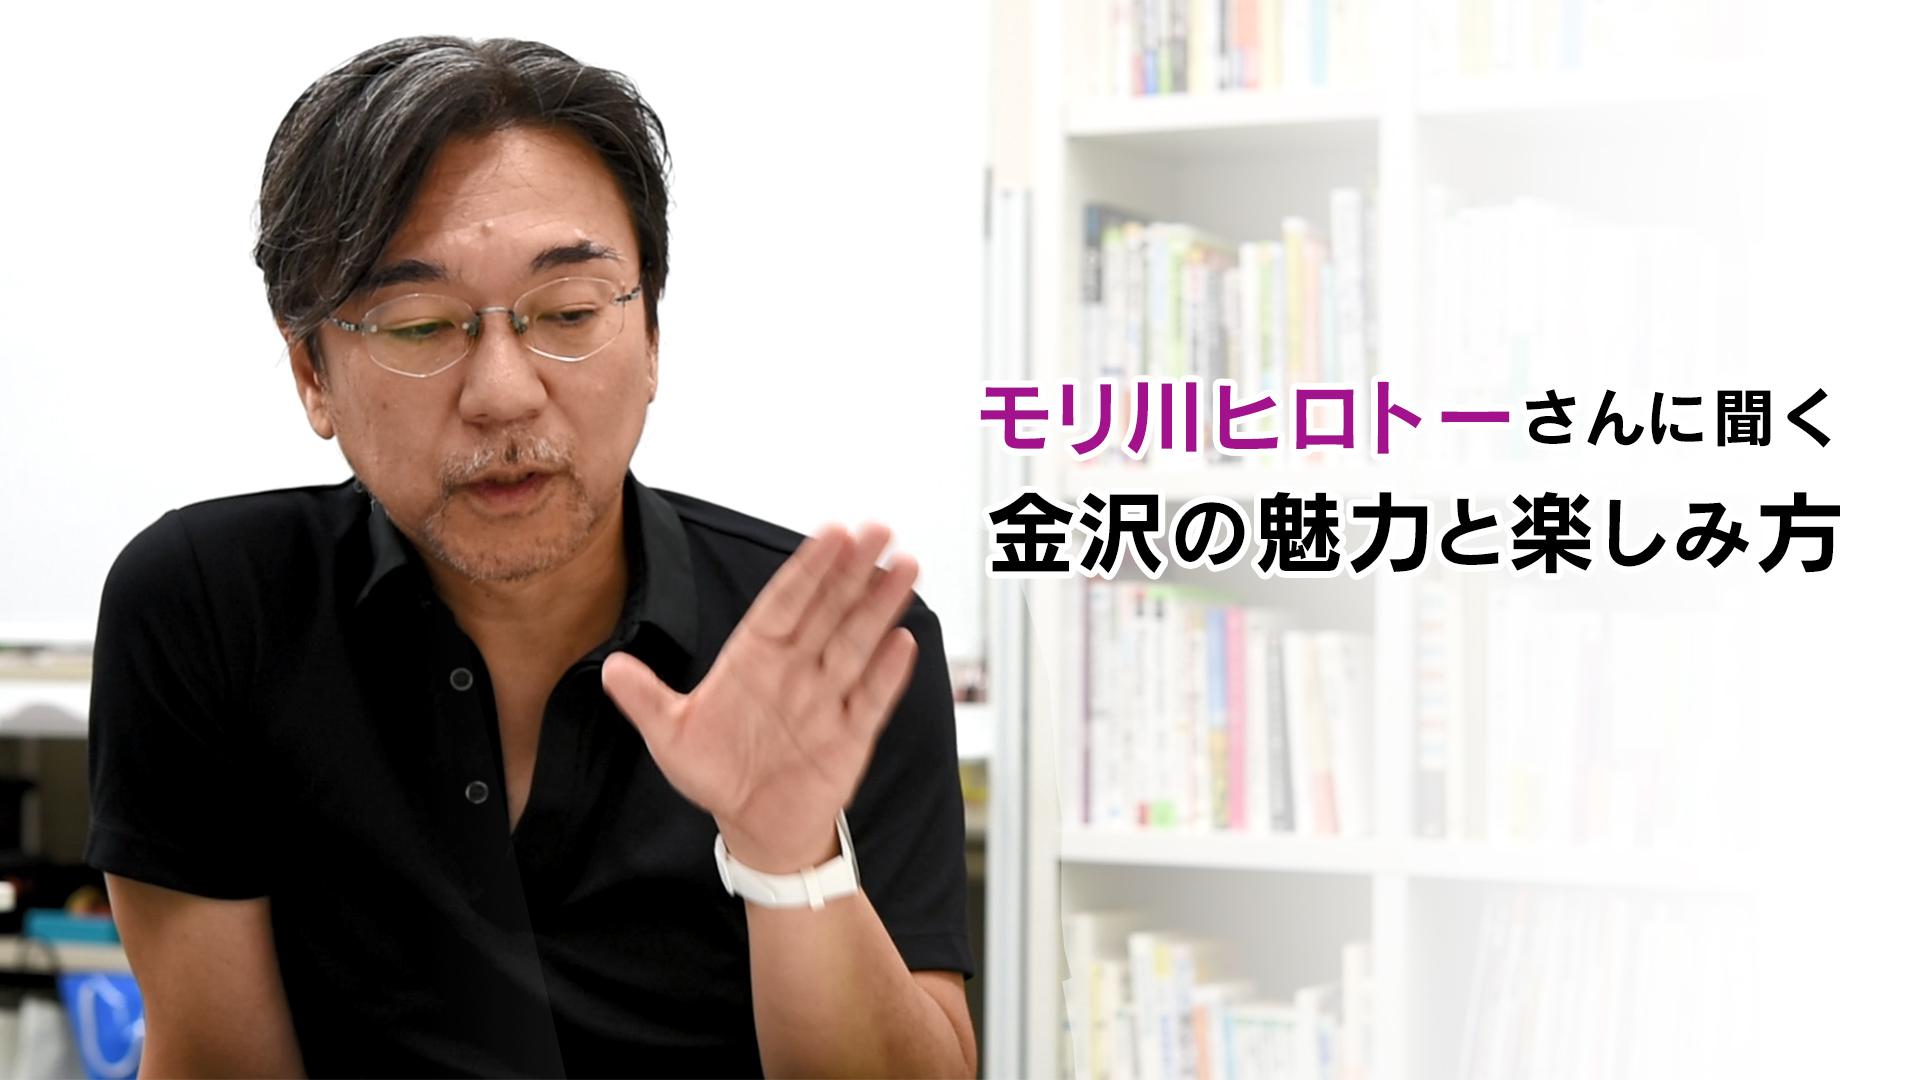 モリ川ヒロトーさんに聞く金沢の魅力と楽しみ方